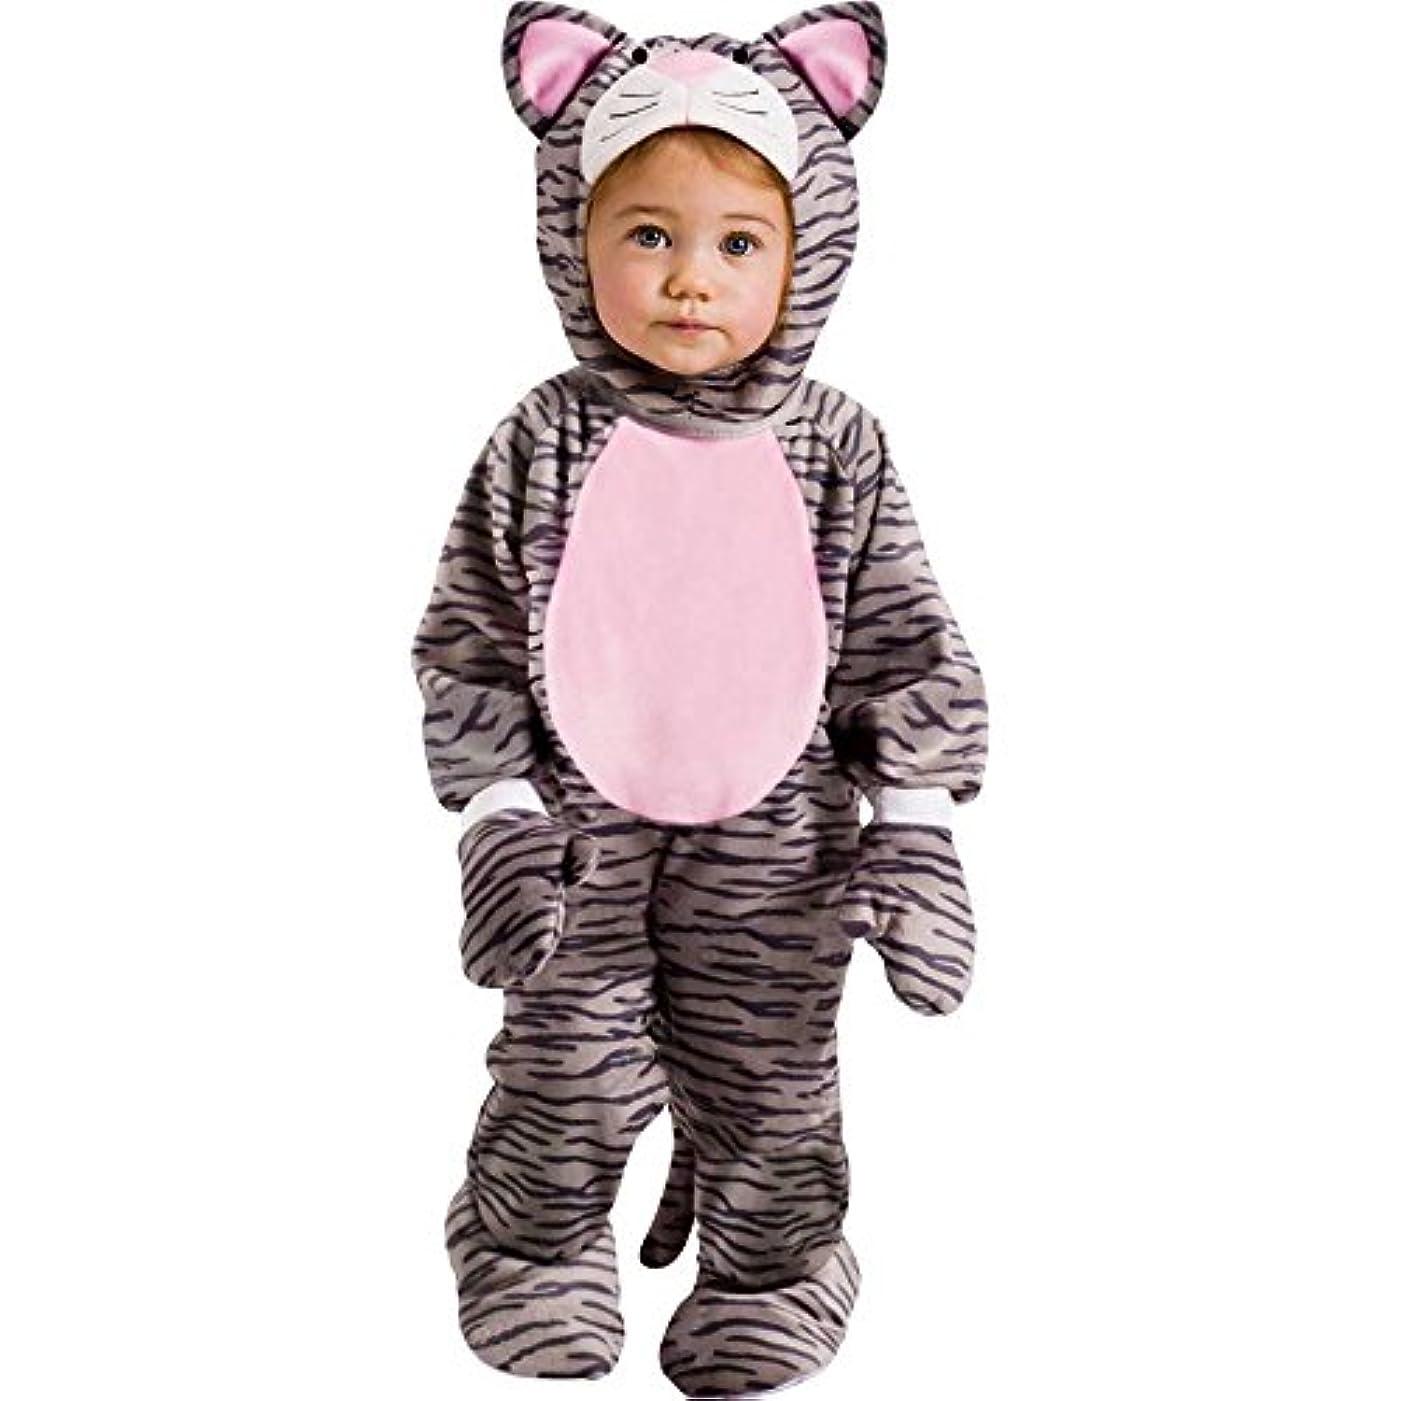 大学院偽善者スナップLittle Stripe Kitten Infant Costume リトルストライプ子猫幼児コスチューム サイズ:Infant (6/12 Months)